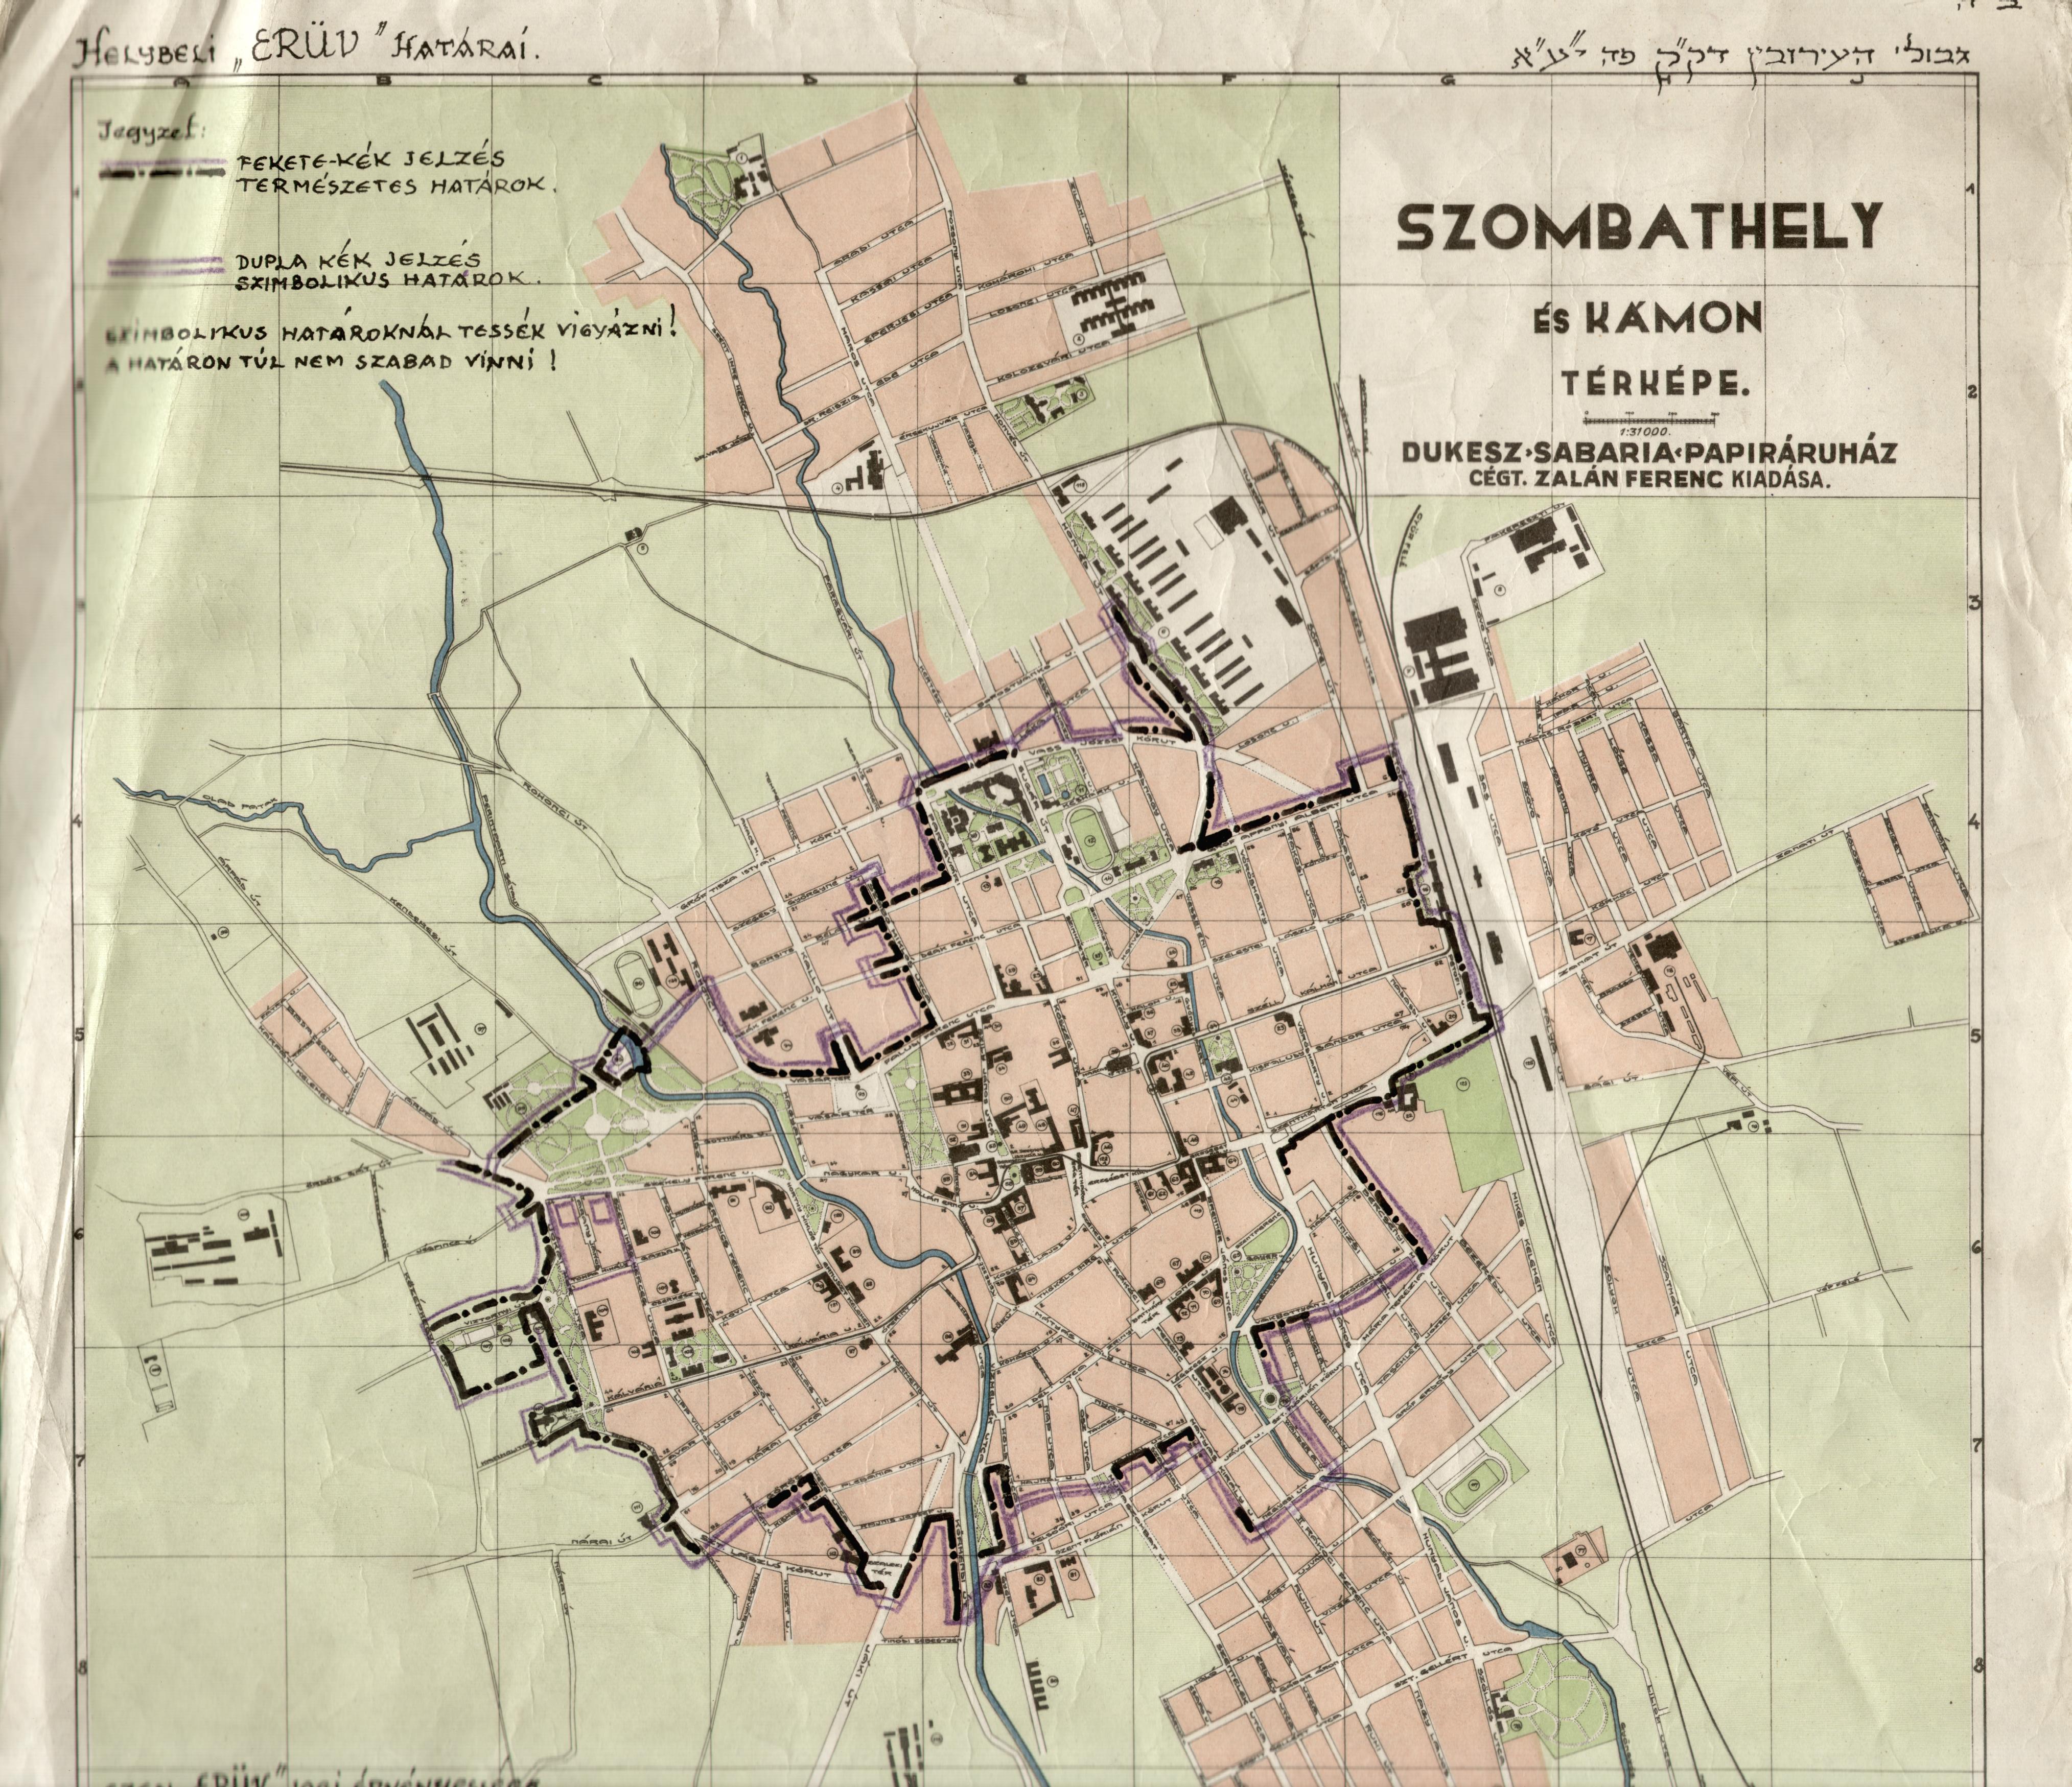 szombathely térkép Flódni +   Rejtett archívumok szombathely térkép